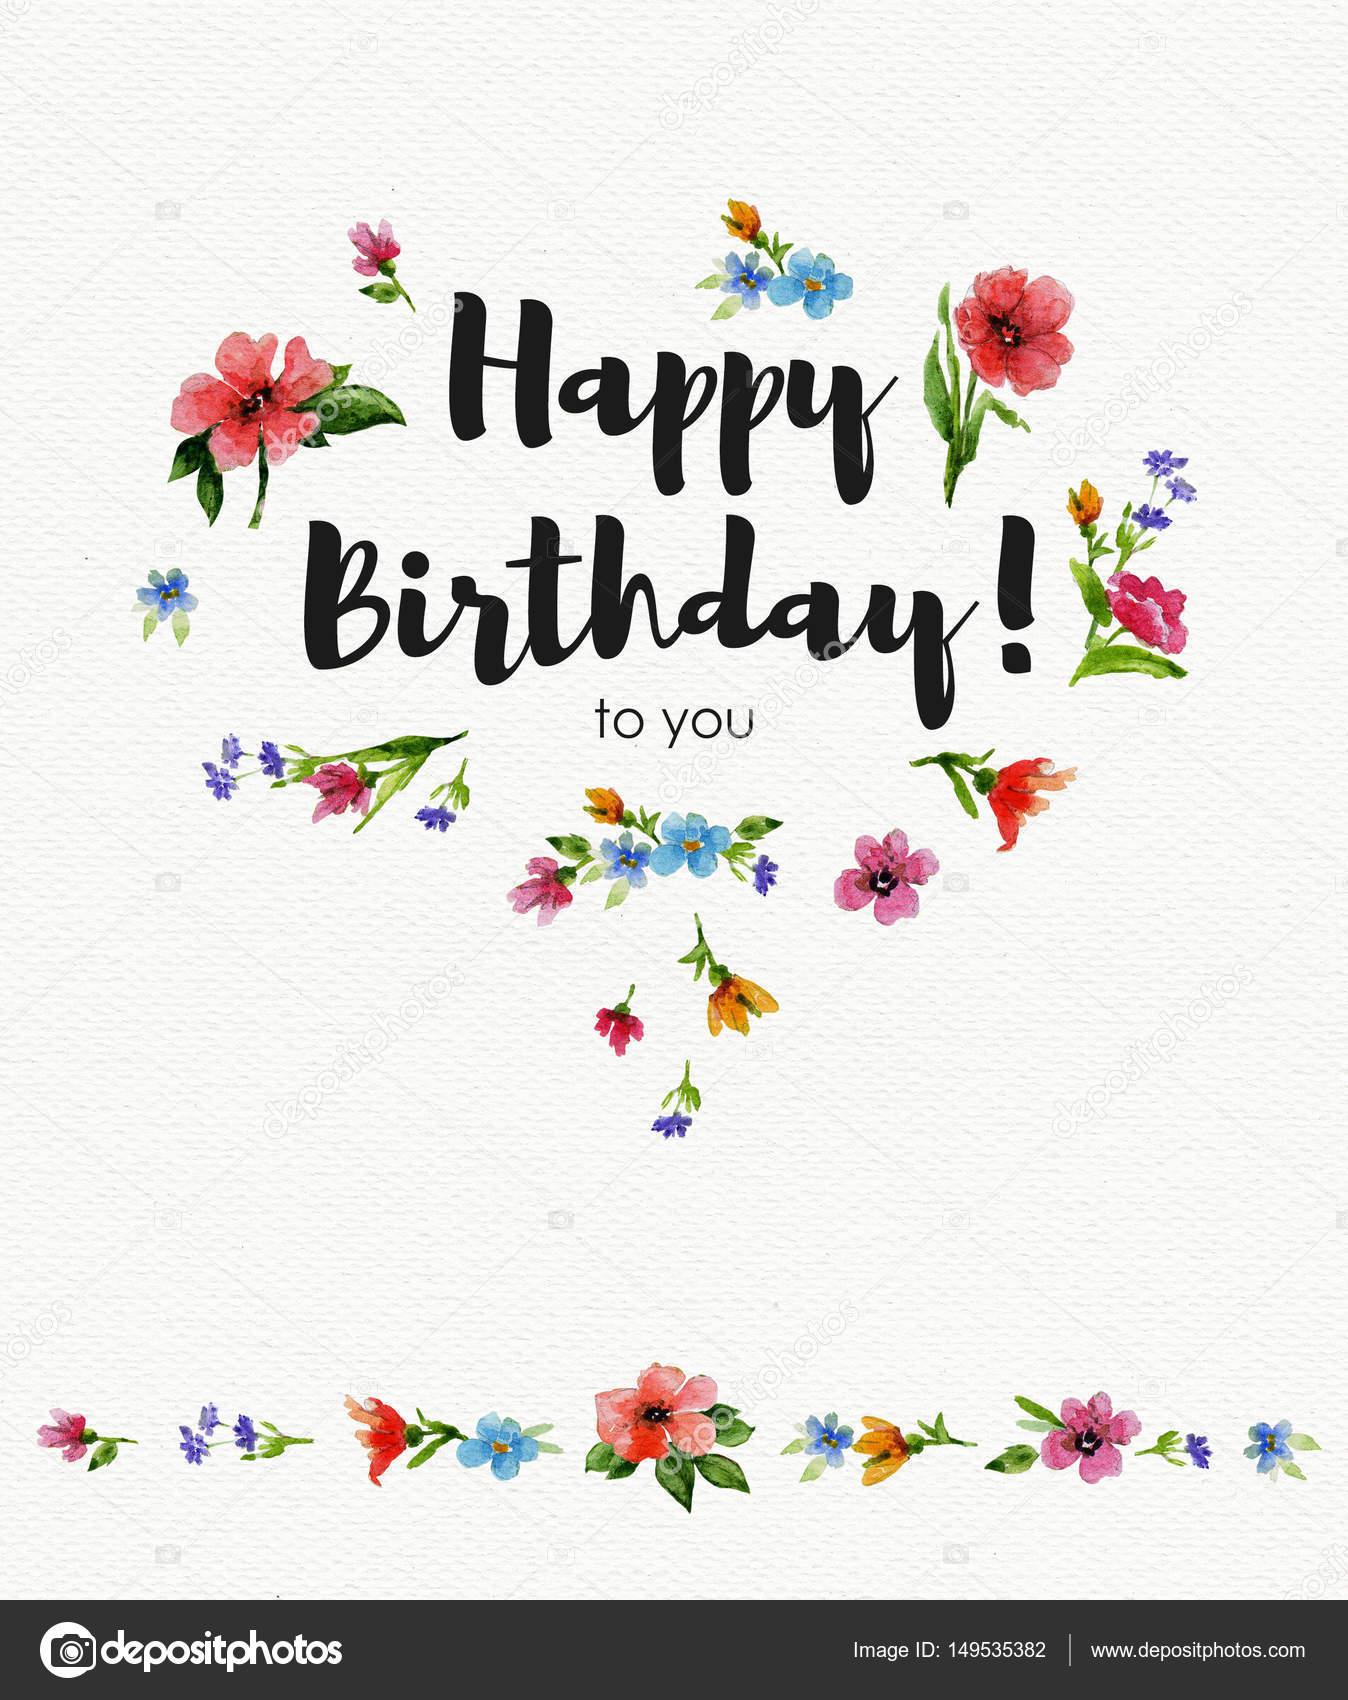 Cartolina D Auguri Di Buon Compleanno A Te Illustrazione Dell